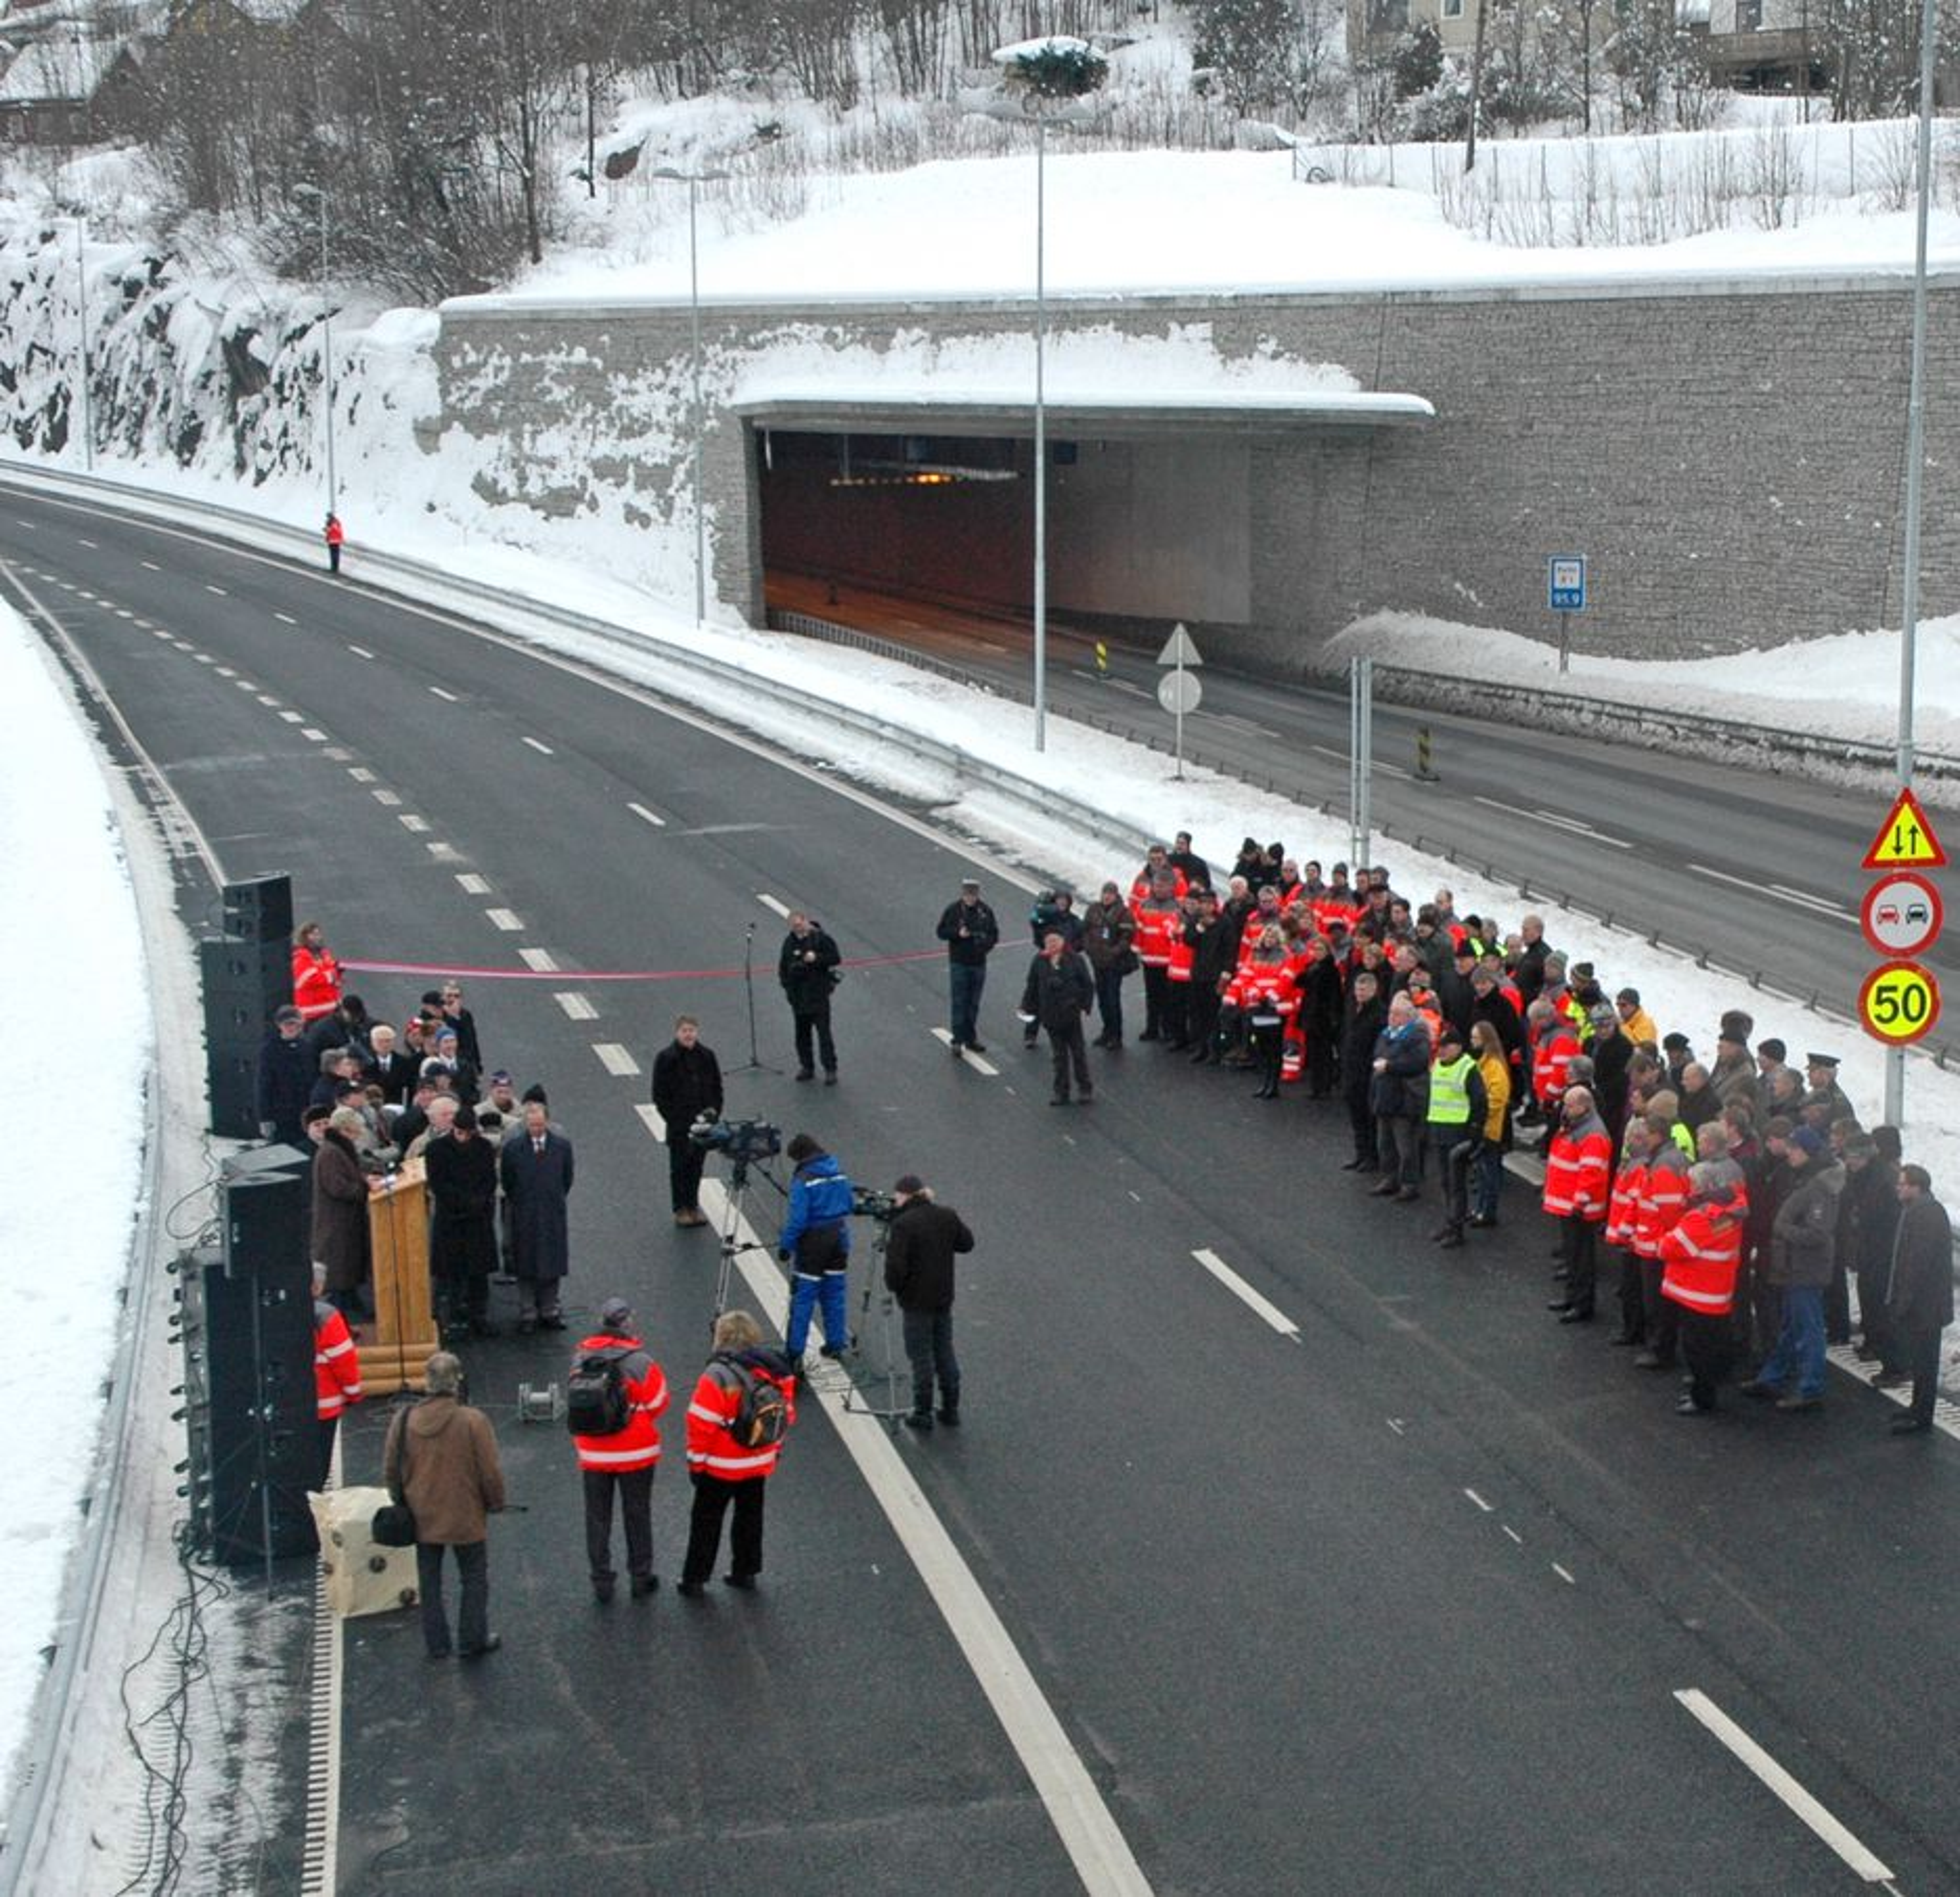 Vegvesenfolk og prominente gjester samlet på Frydenhaug i Drammen for å åpne nordgående kjørebane på E 18. Nordre portal til den 1,8 km lange Kleivenetunnelen ses i bakgrunnen. (Foto: Anders Haakonsen)